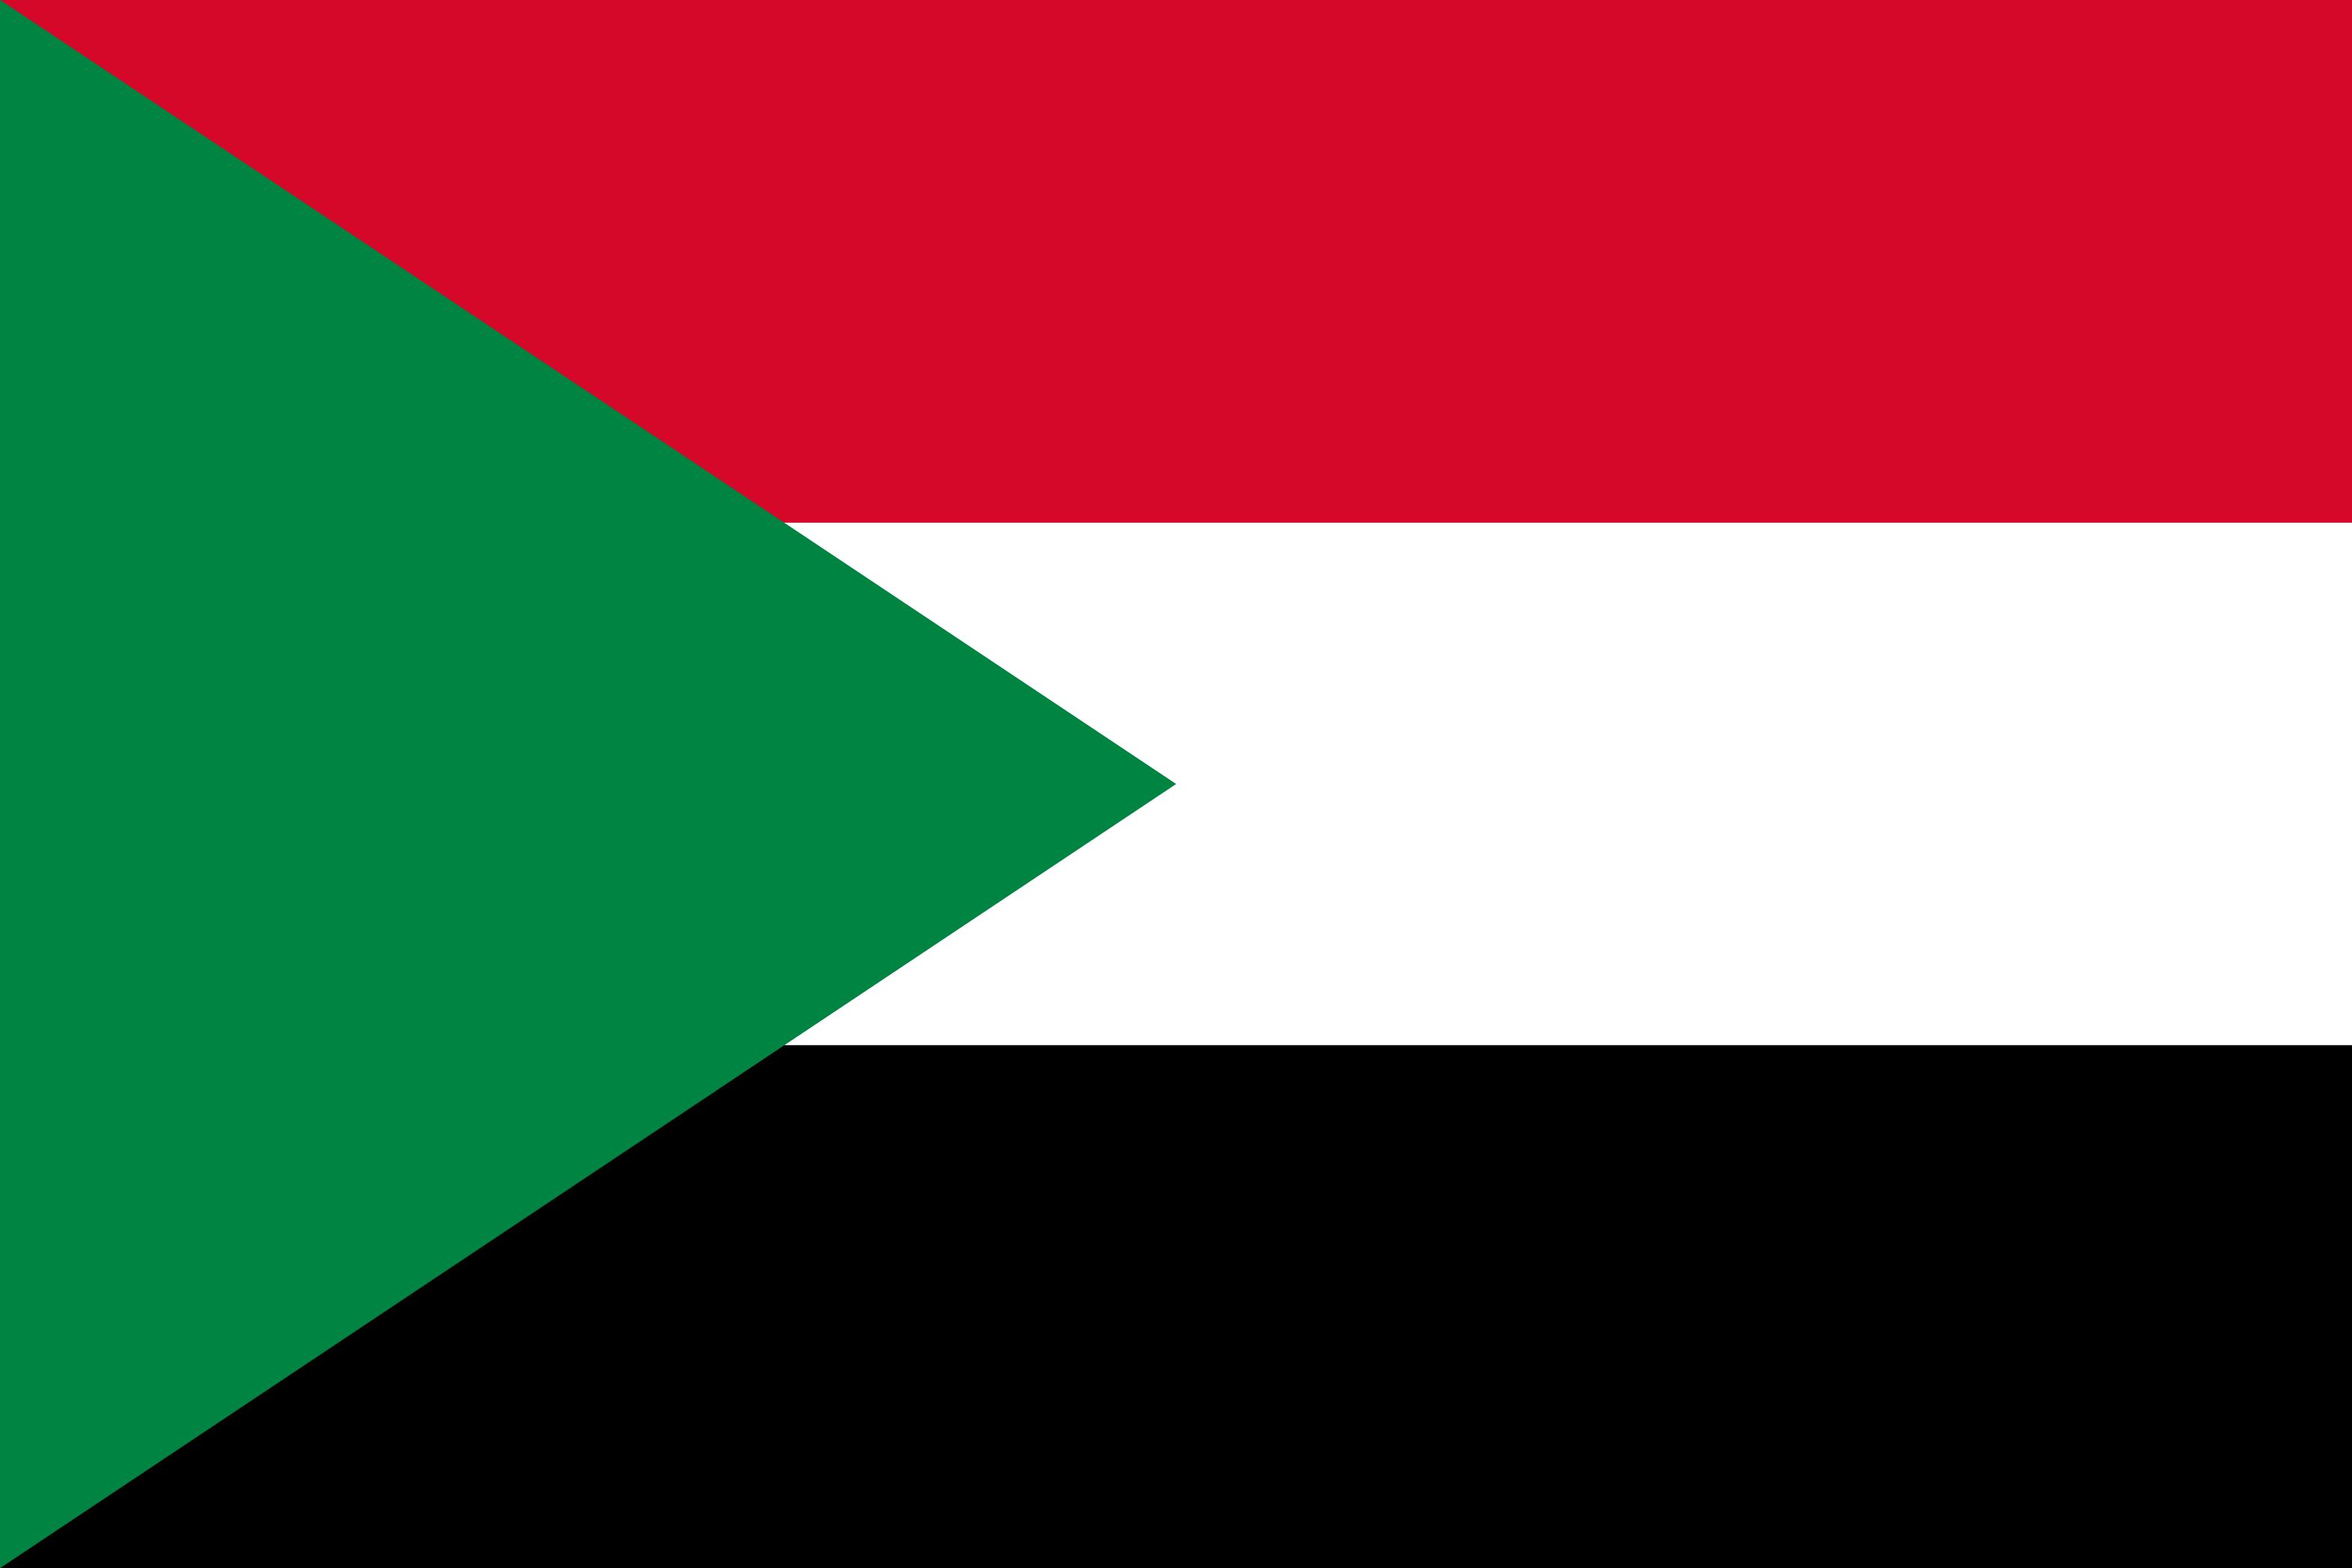 【2017年3月時点】アスワンからスーダンへ入国するためのビザ取得に必要な物と期間